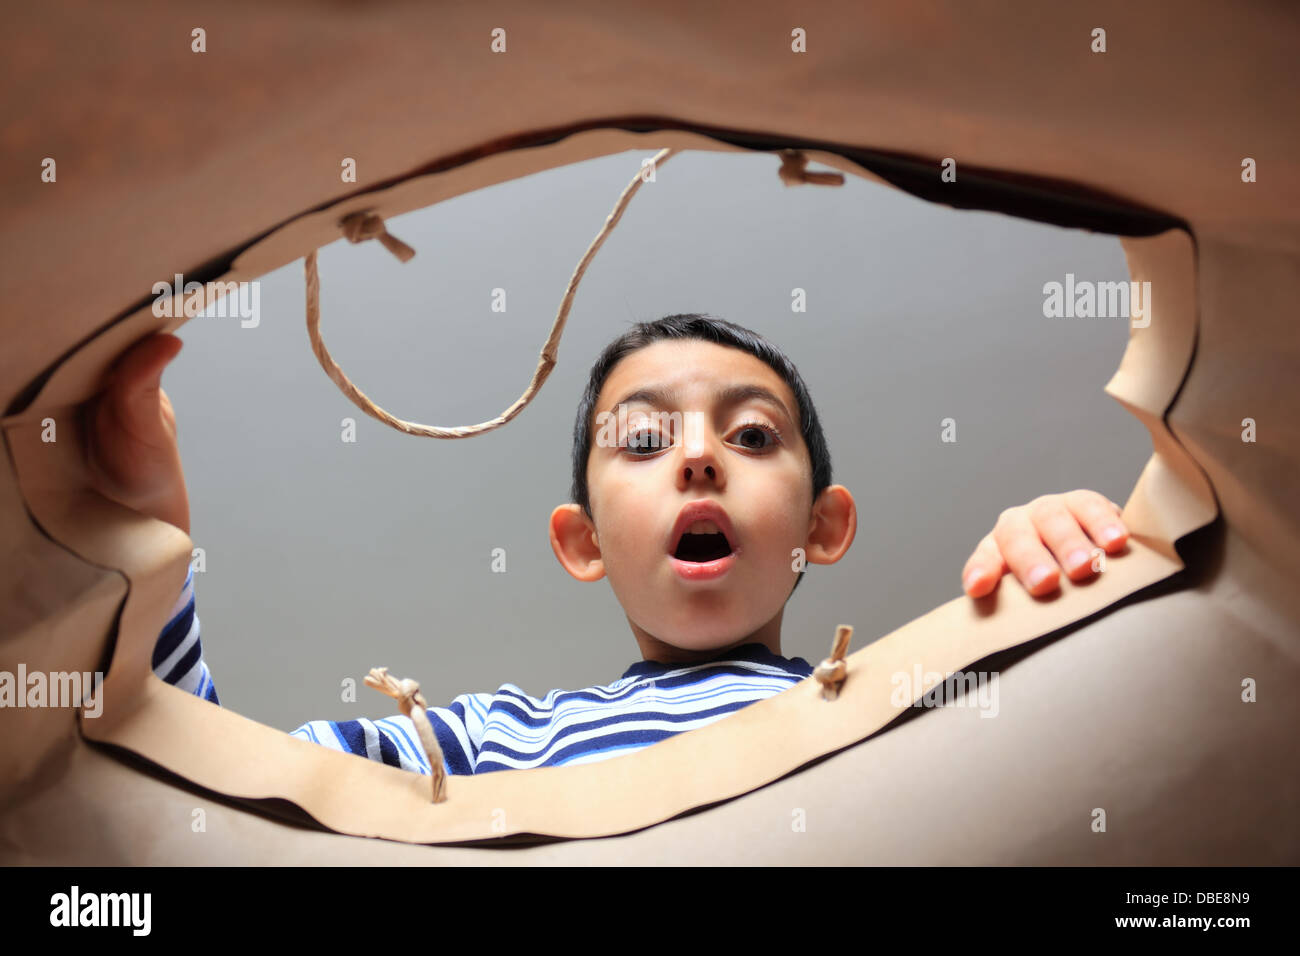 Bolsa de apertura infantil y mirar en su interior con sorpresa Imagen De Stock